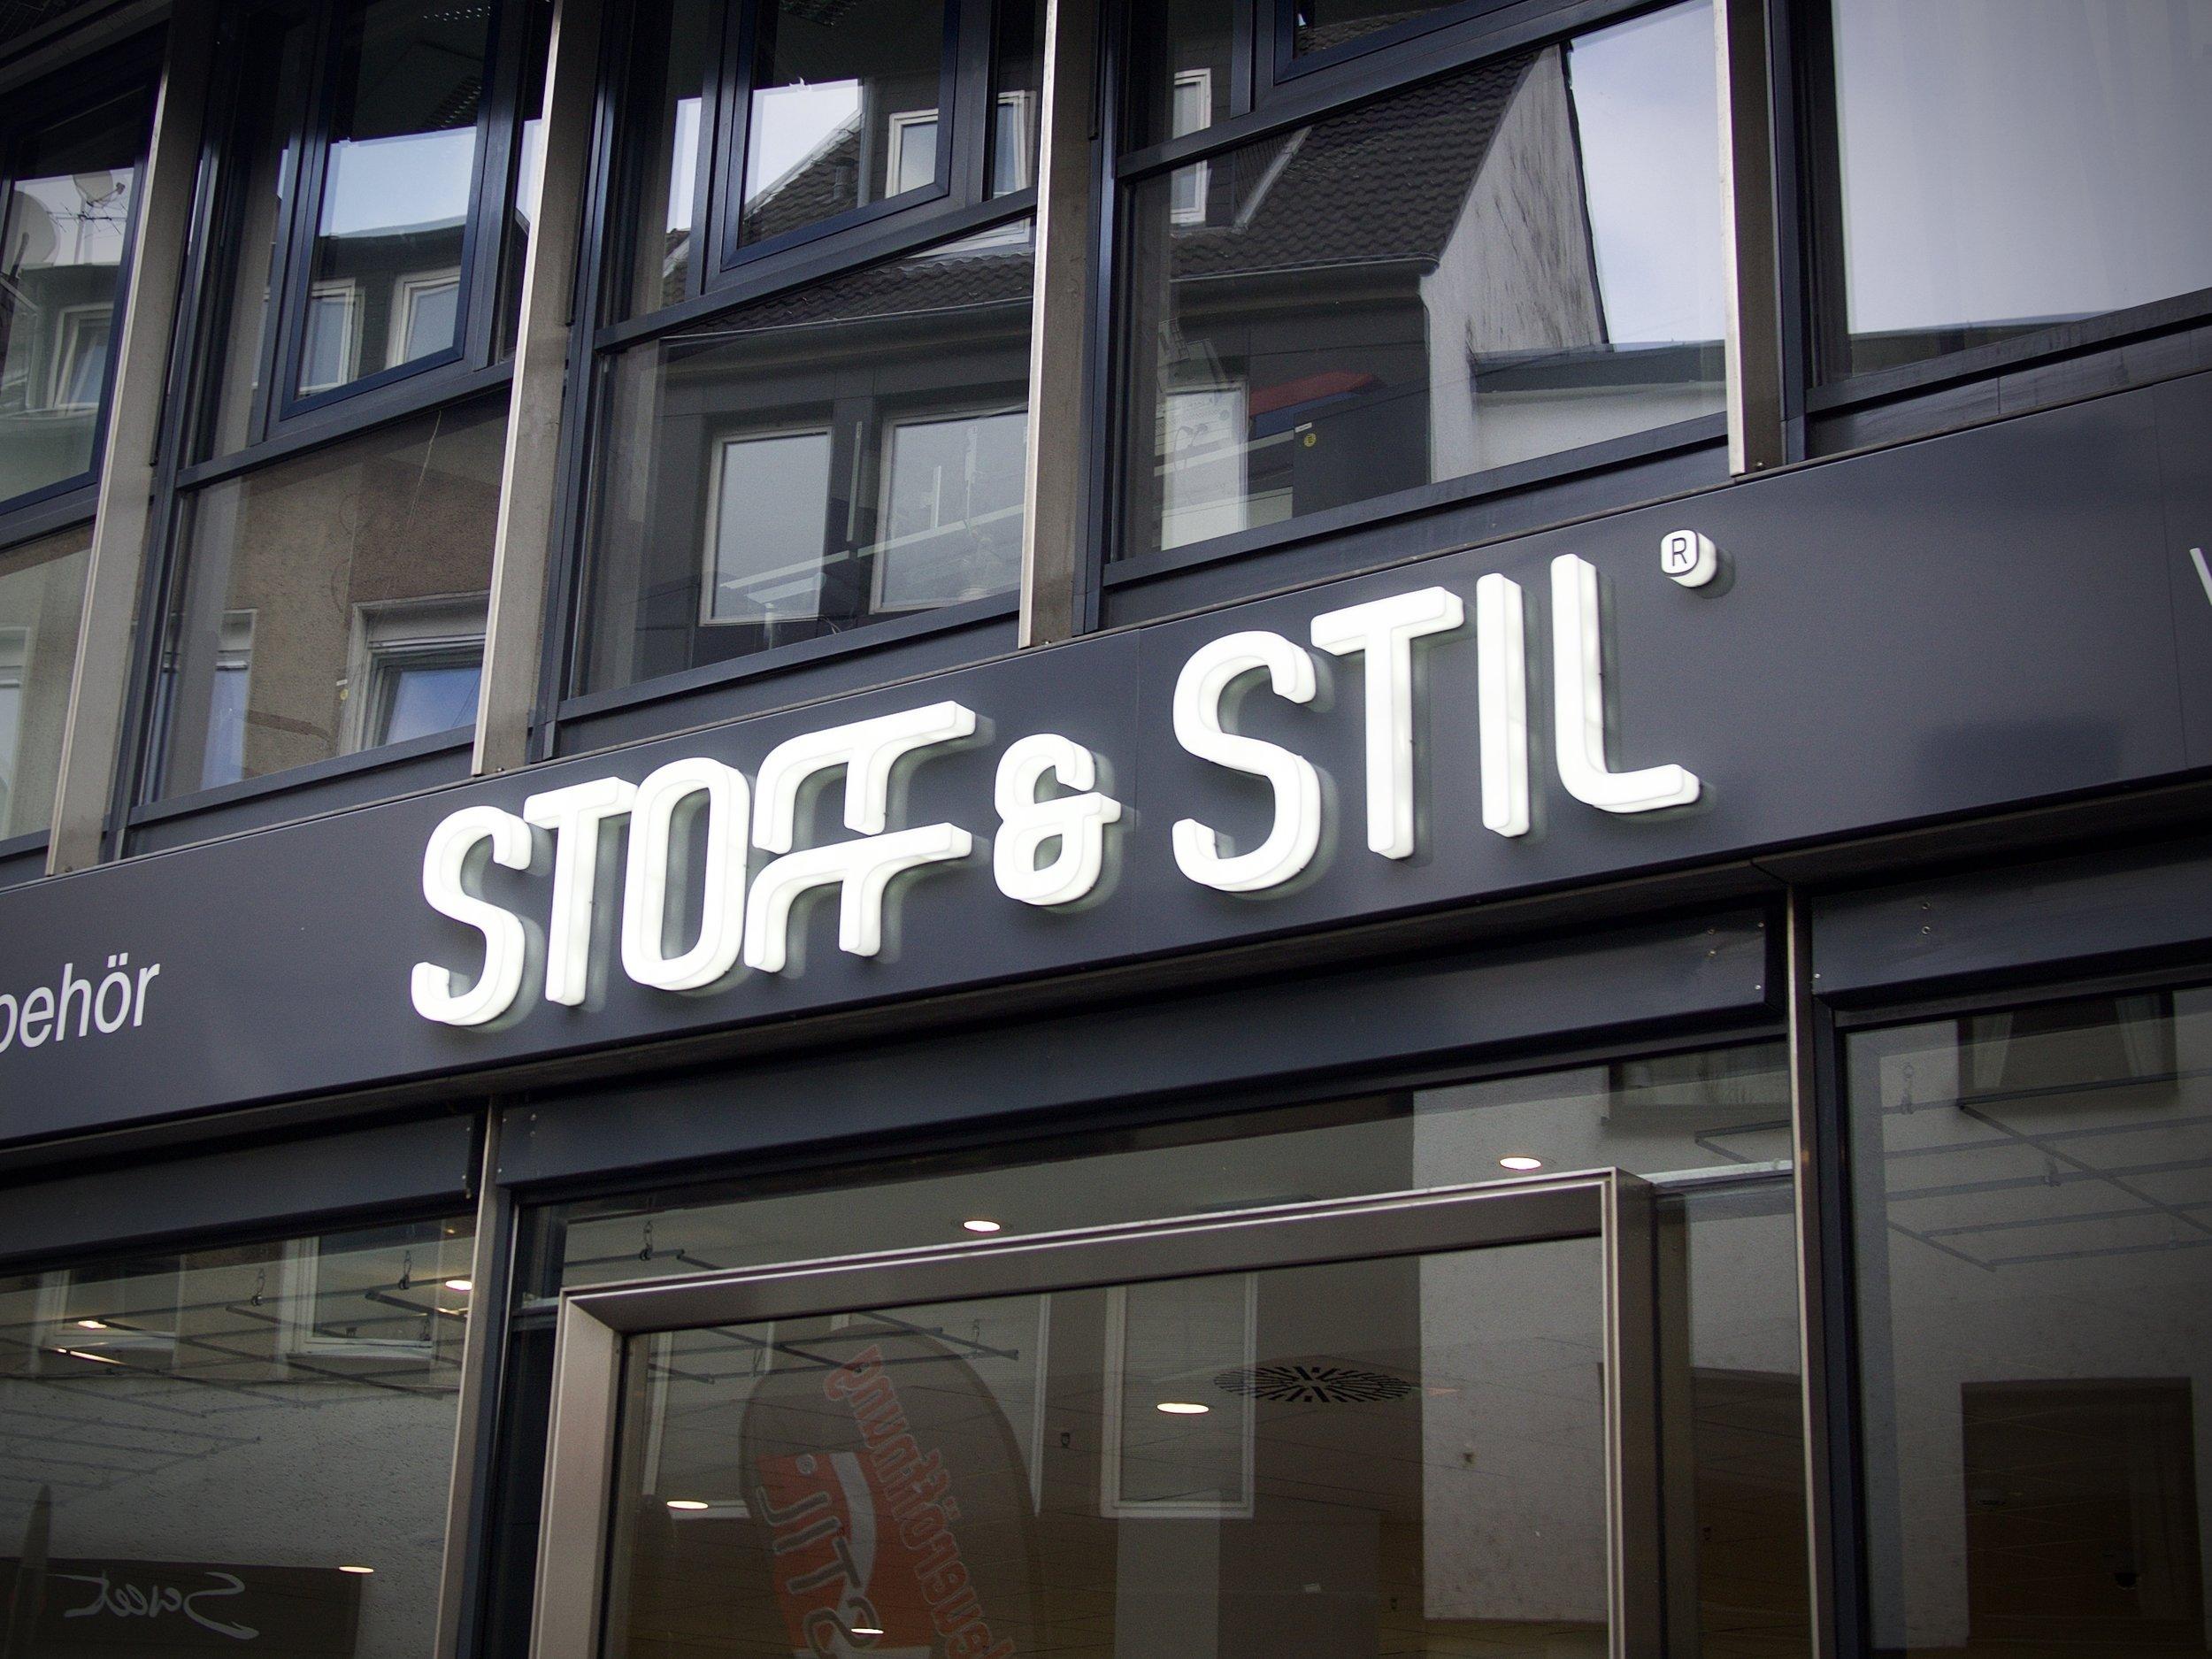 e6e048f06be1f7 Am 29.10.2015 war ich bei der Neueröffnung in Köln. Ich war 15 Minuten vor  Ladenöffnung um 10 00 Uhr bereits vor Ort. Die Besitzer hatten Werbung  dafür ...